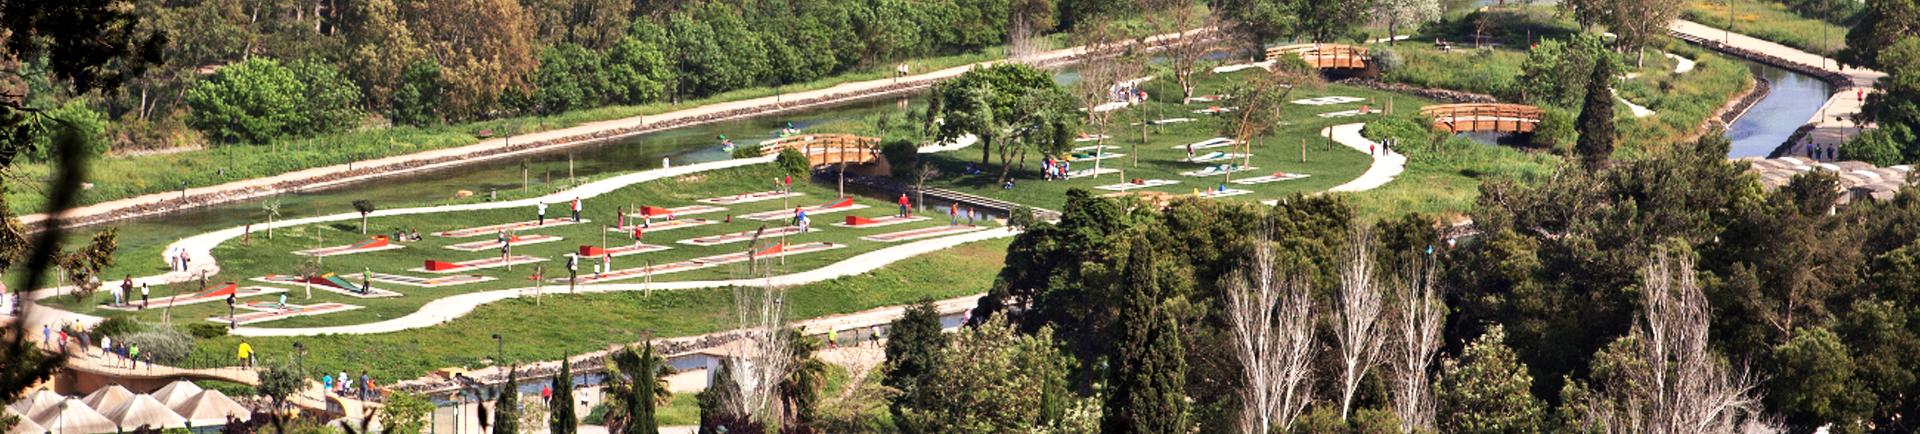 Vista aérea do parque de minigolfe do Centro Desportivo Nacional do Jamor